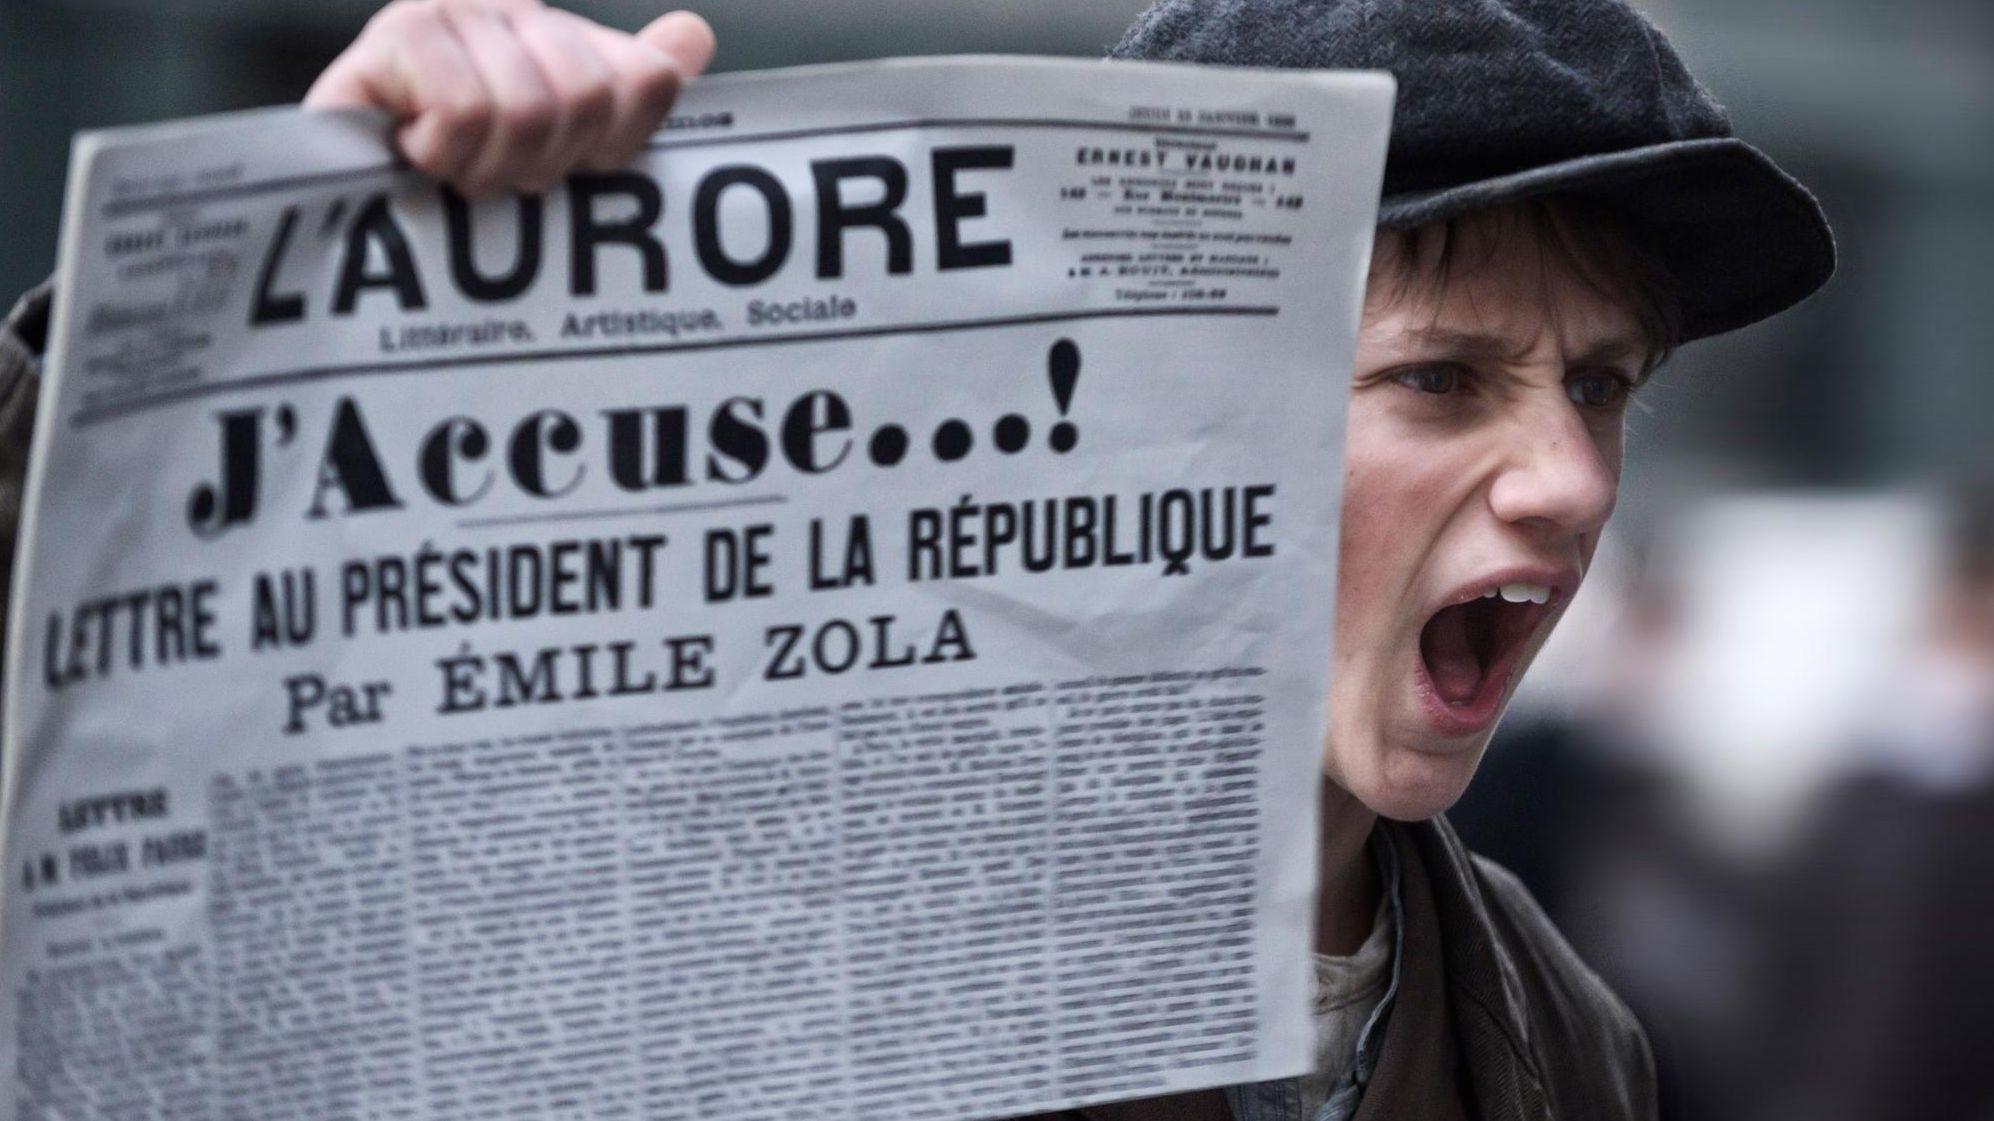 """In einer Szene aus Roman  Polanskis neuem Film """"J'accuse"""" verkauft ein Junge lautstark eine Zeitung."""